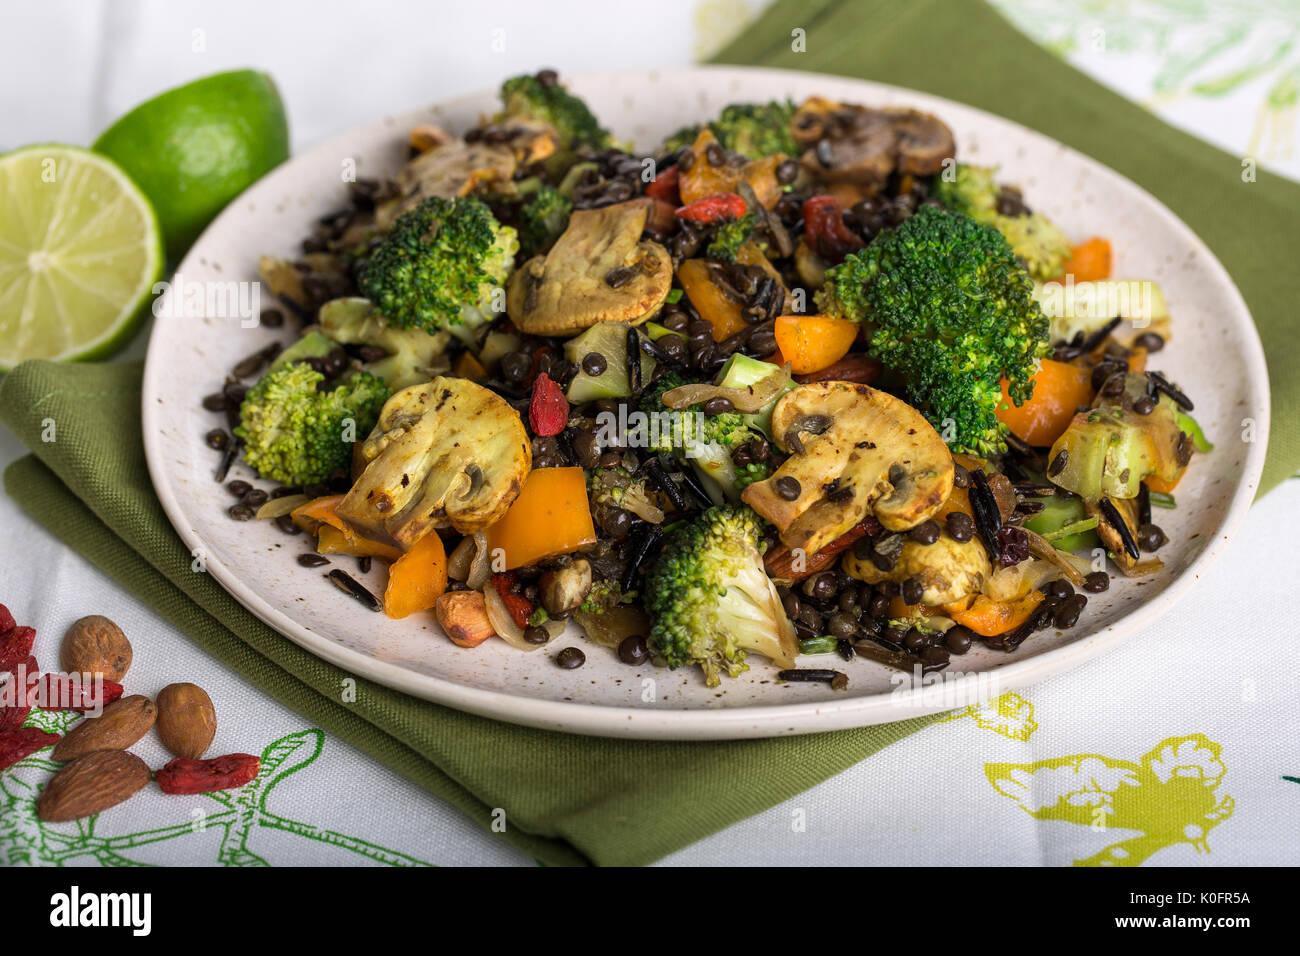 Photo de gros plan Vegan sain mélange de riz sauvage et de brocoli plat de lentilles Photo Stock